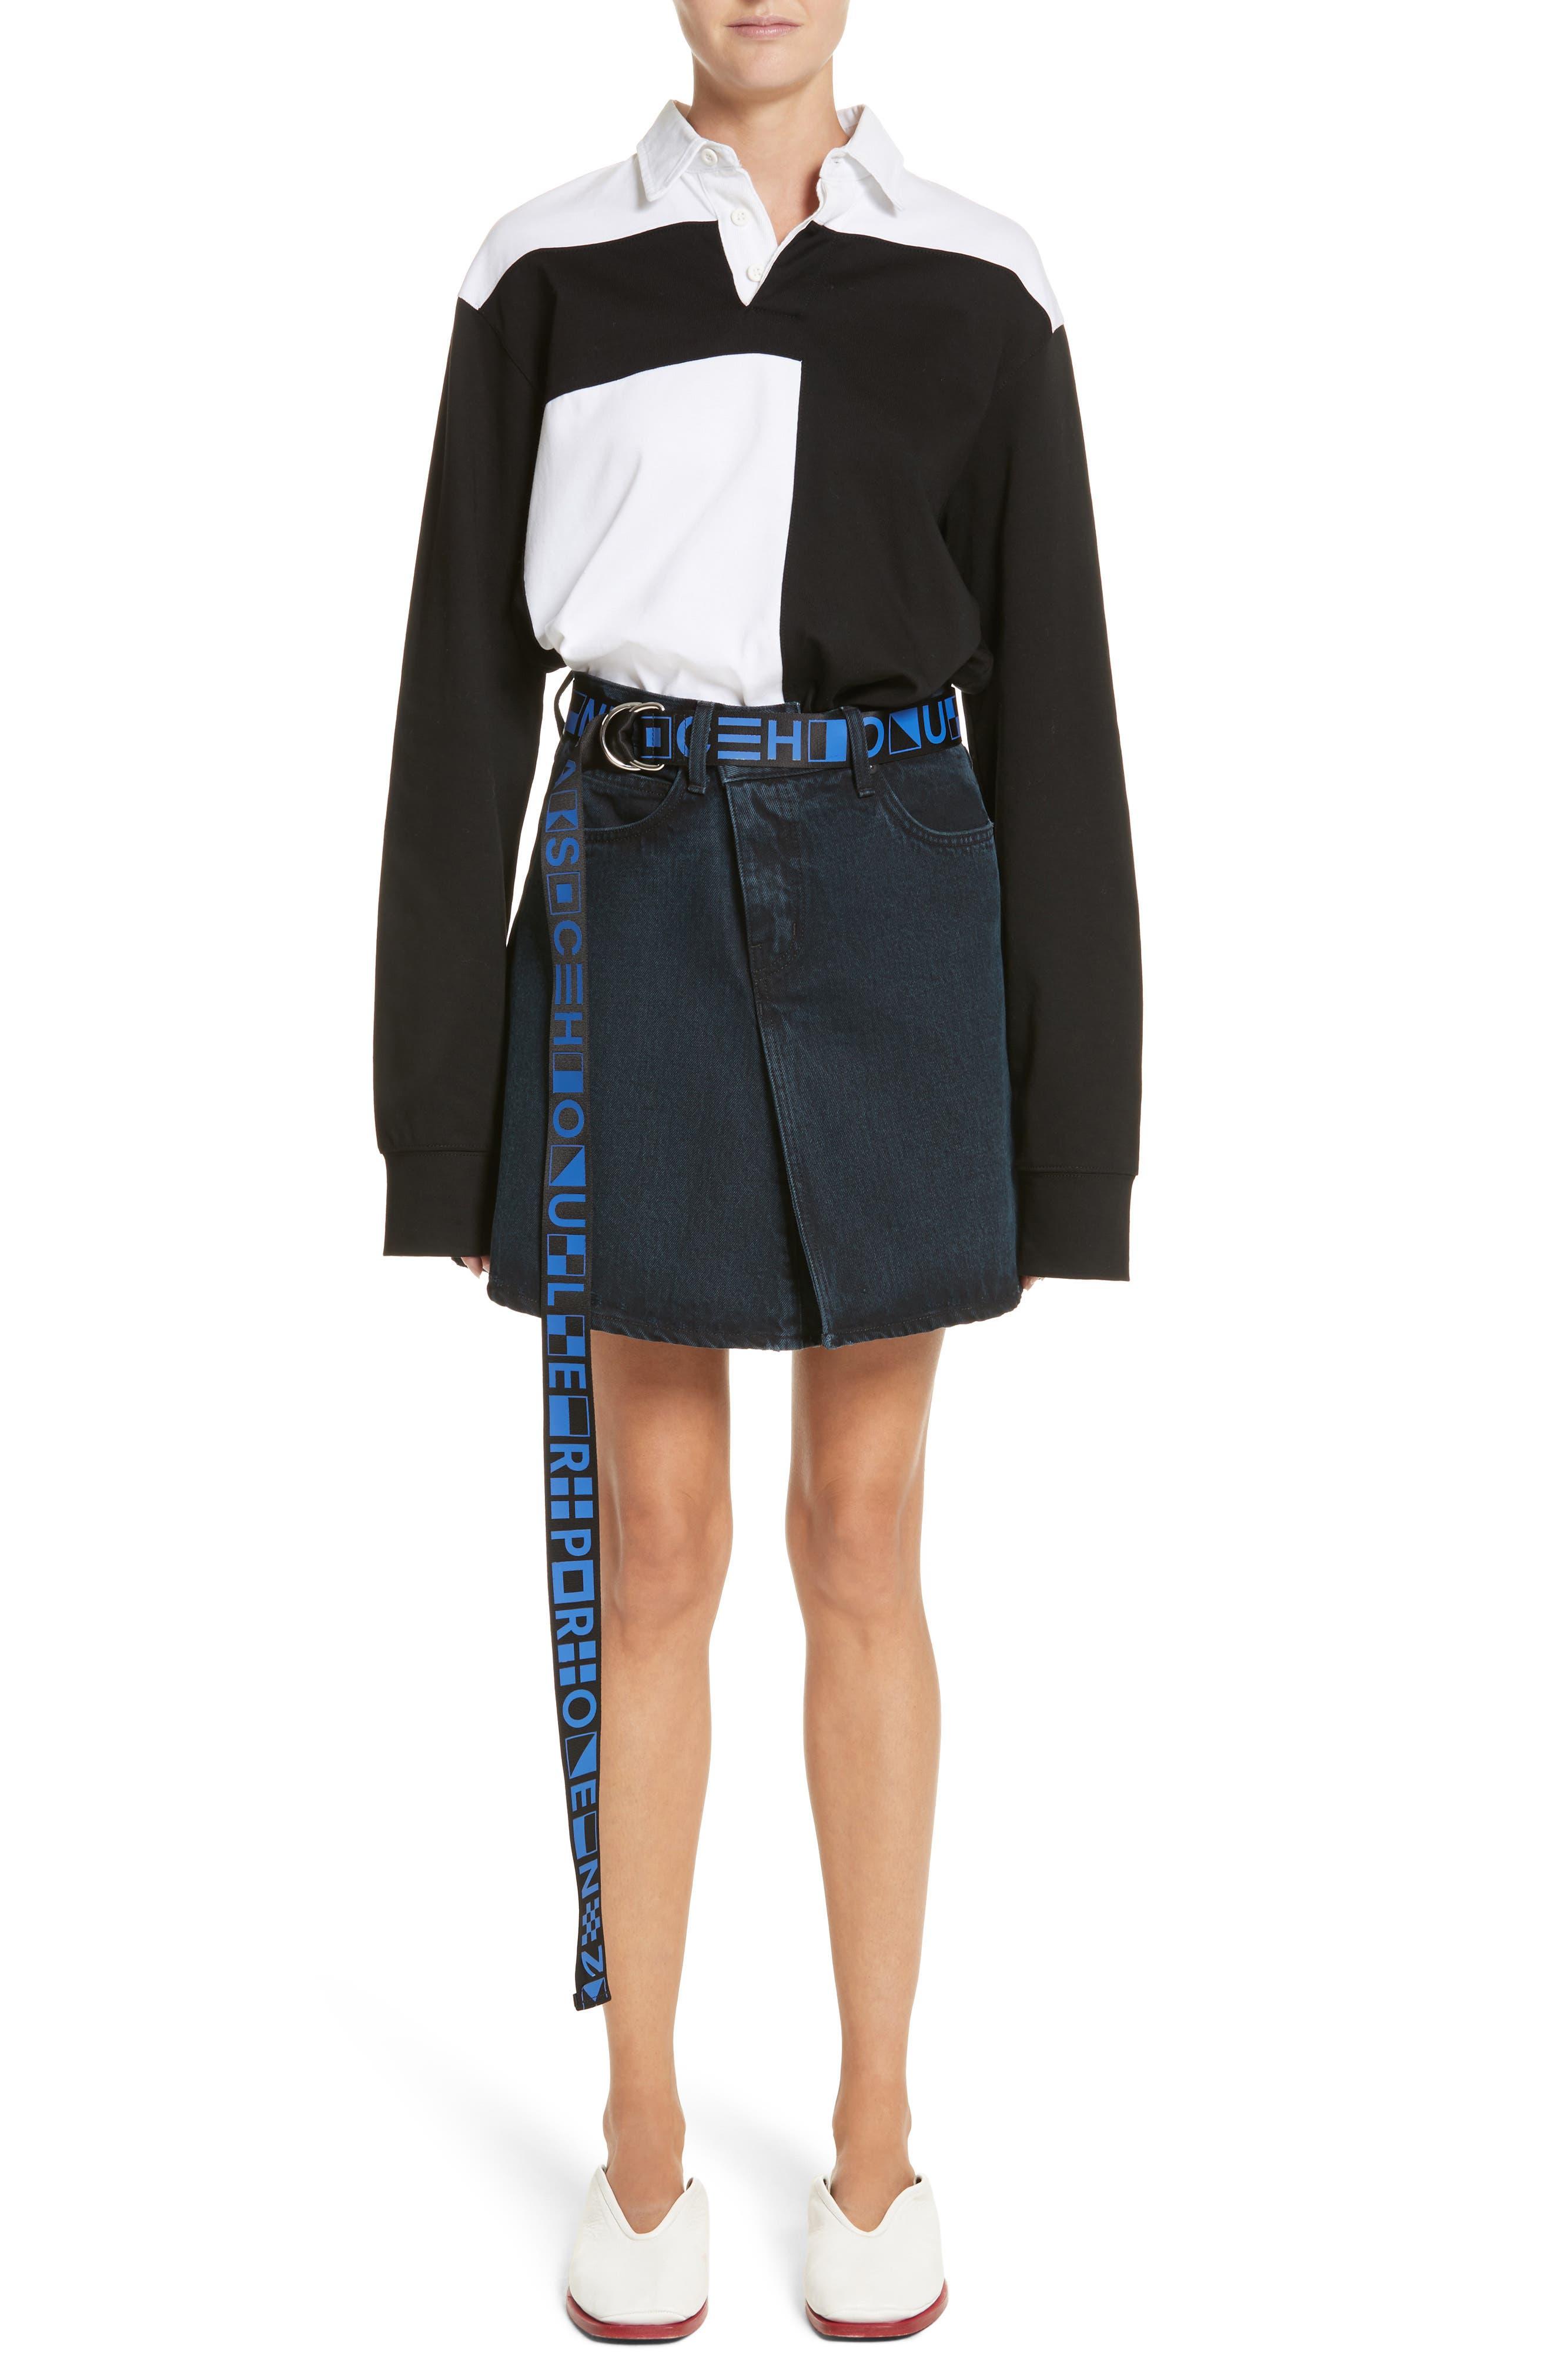 PSWL Folded Denim Skirt,                             Alternate thumbnail 6, color,